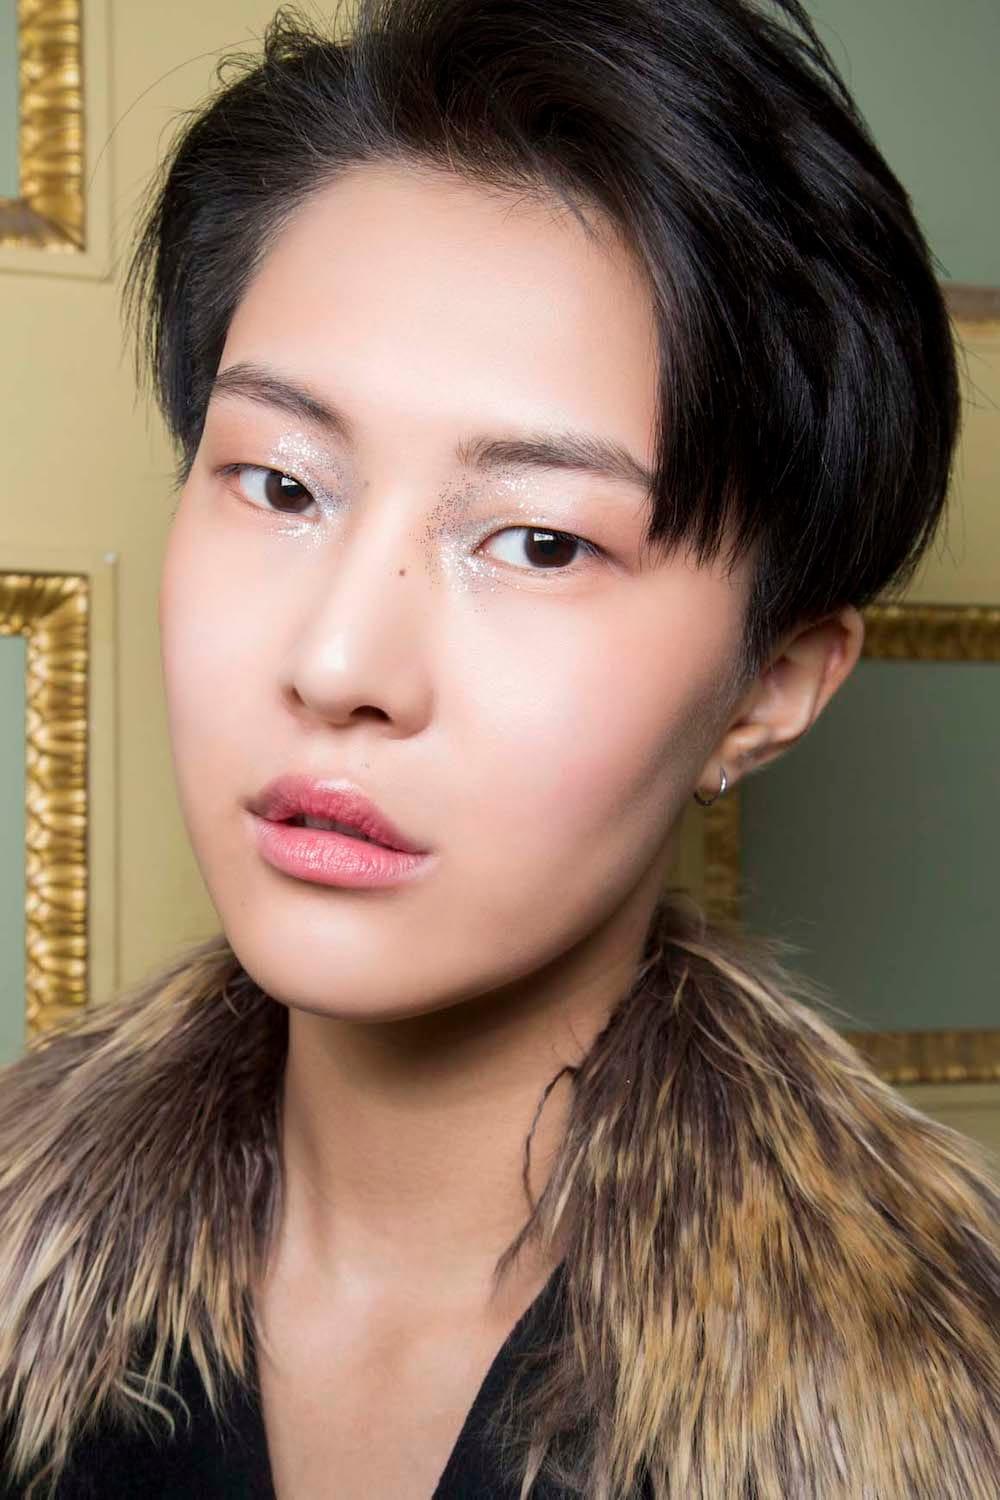 Wanita asia dengan model rambut pixie androgini gaya 90an